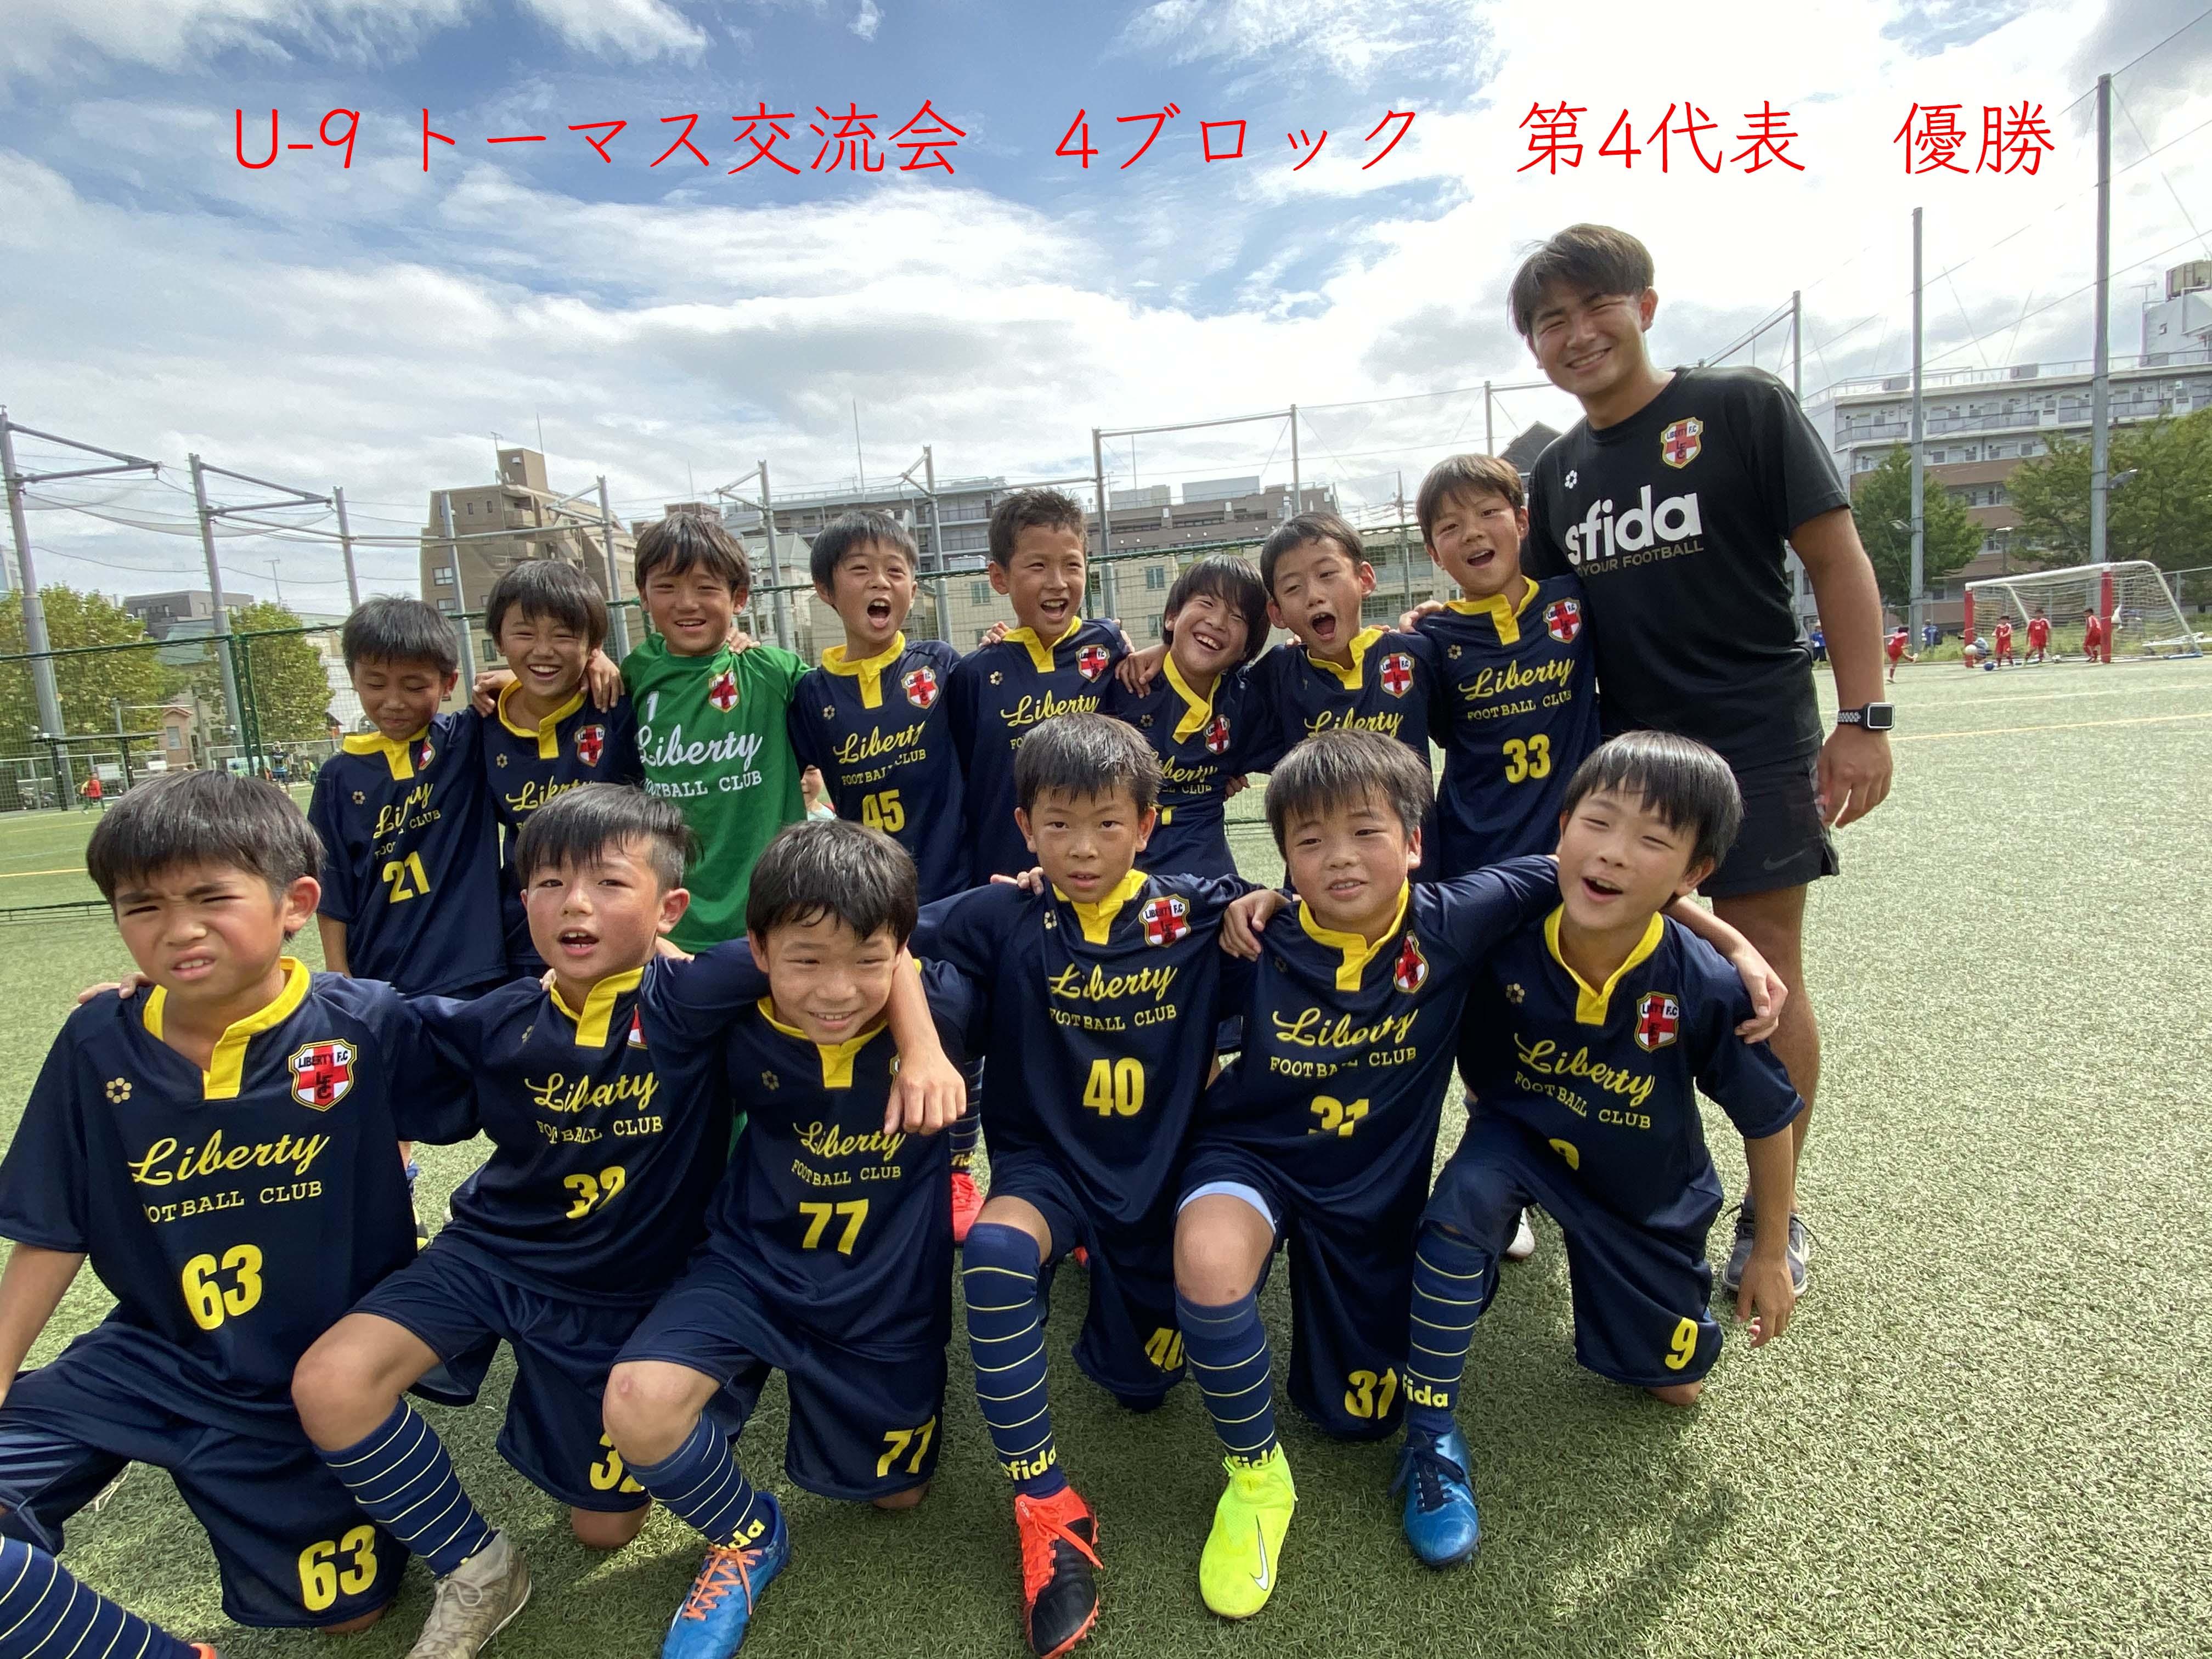 2019年U-9 トーマス交流会 4ブロック 第4代表  優勝 中央大会出場!の写真